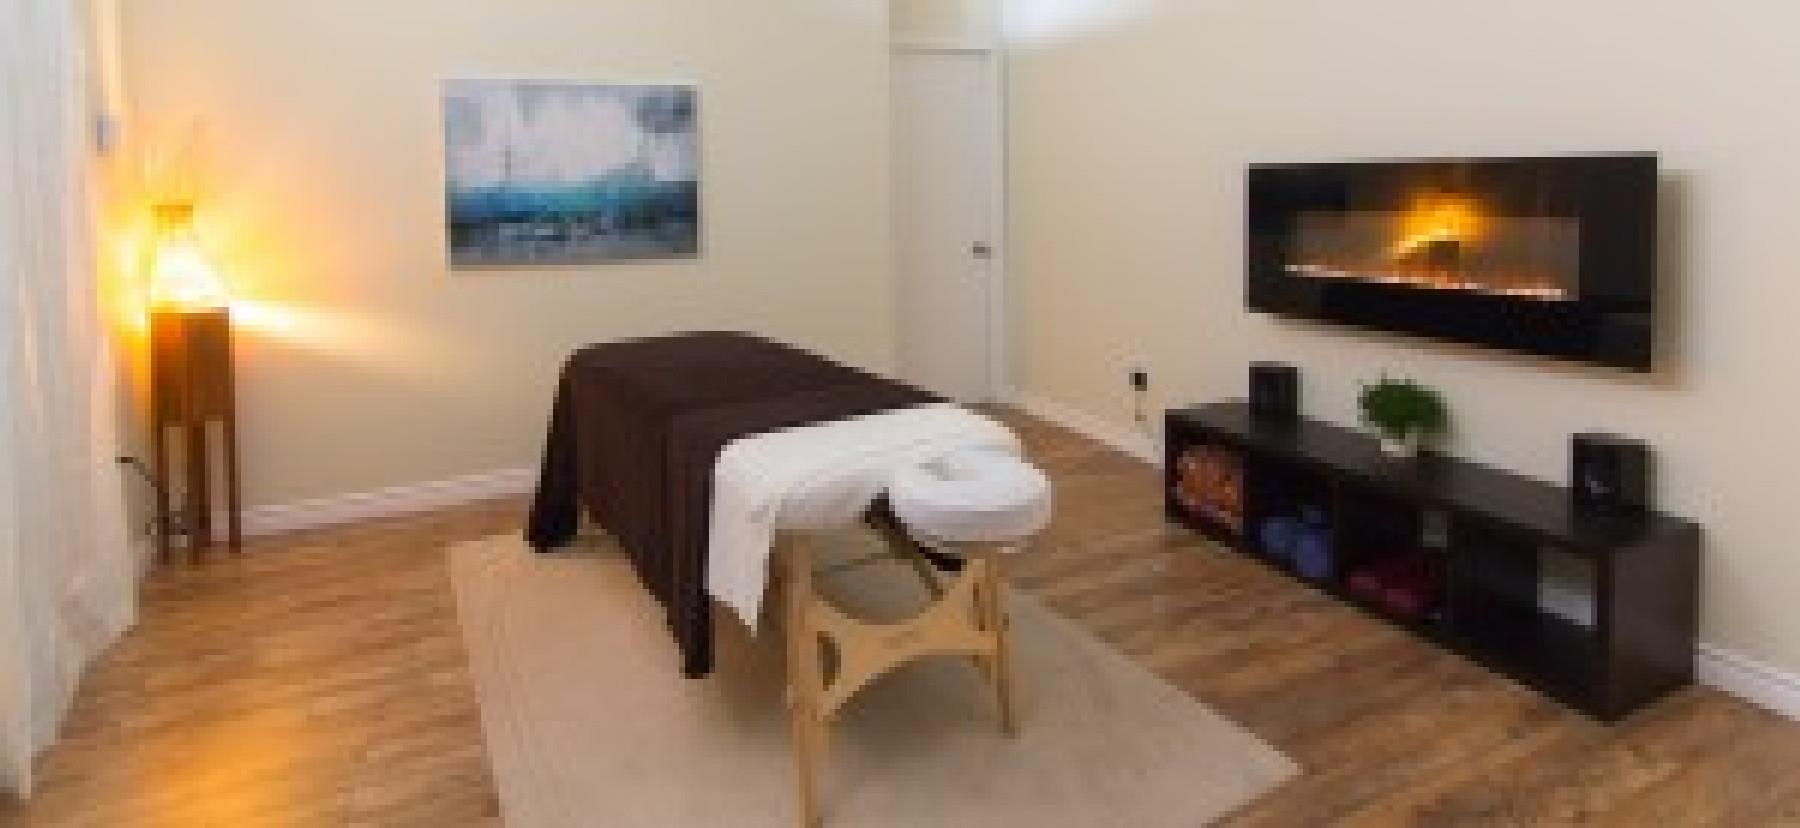 Salle de massage 2: Faites vous masser avec le chaleur d'un foyer